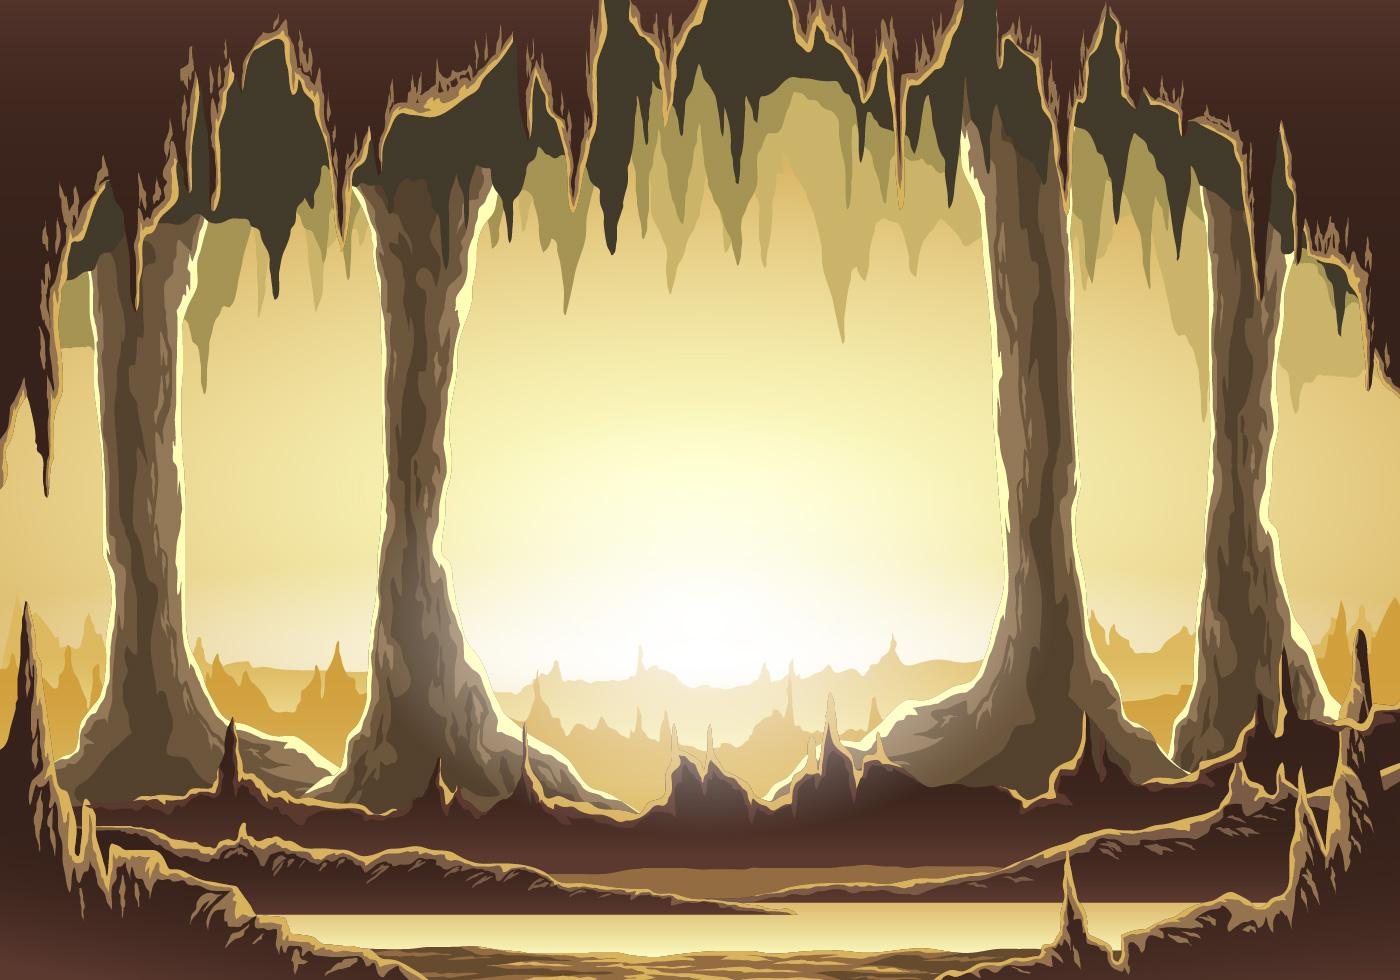 vector illustration inside cavern